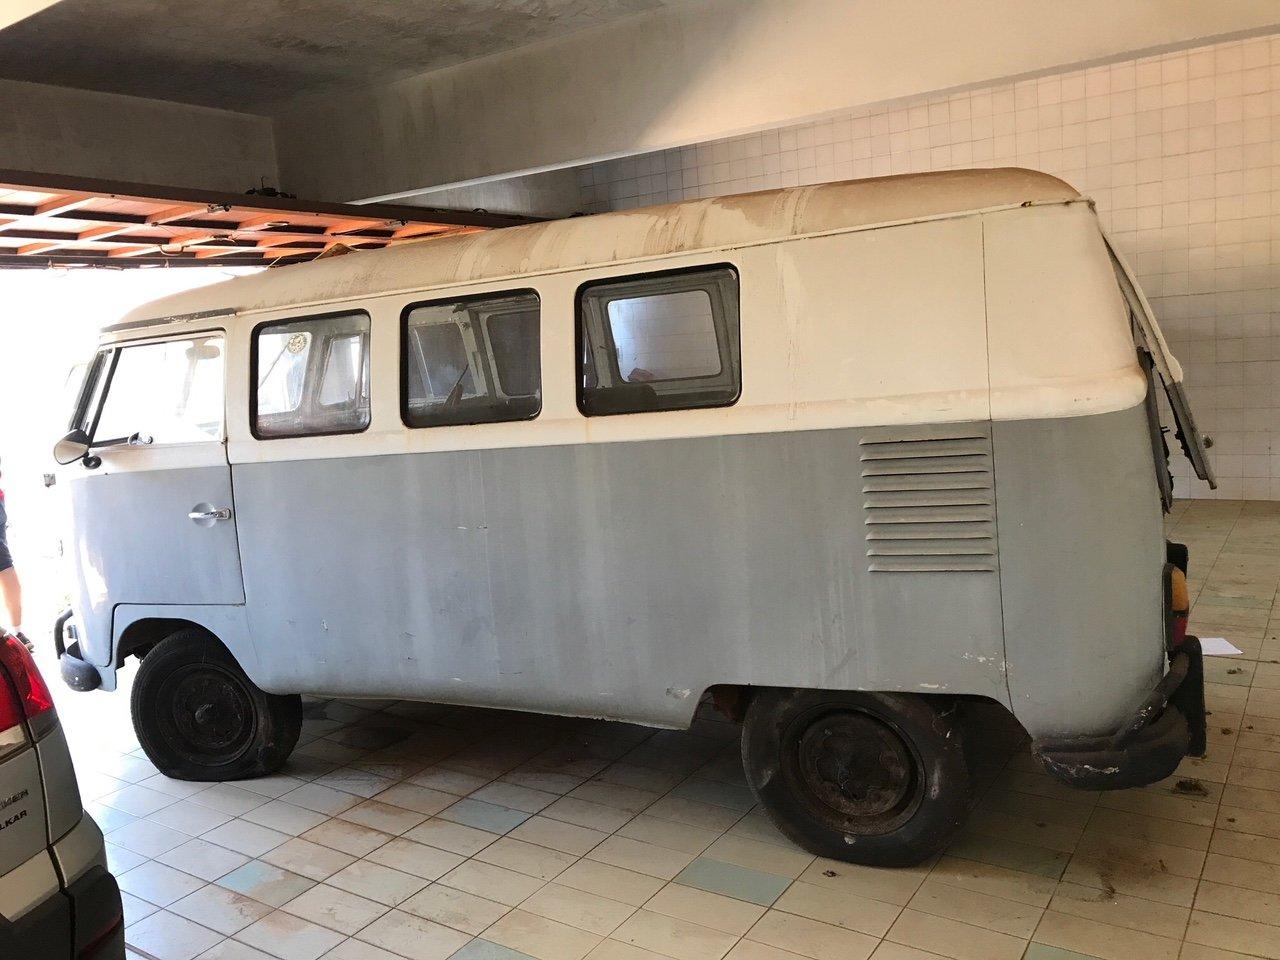 VOLKSWAGEN T1 ORIGINAL 1959 VW KOMBI SPLIT SCREEN CAMPER For Sale (picture 3 of 6)